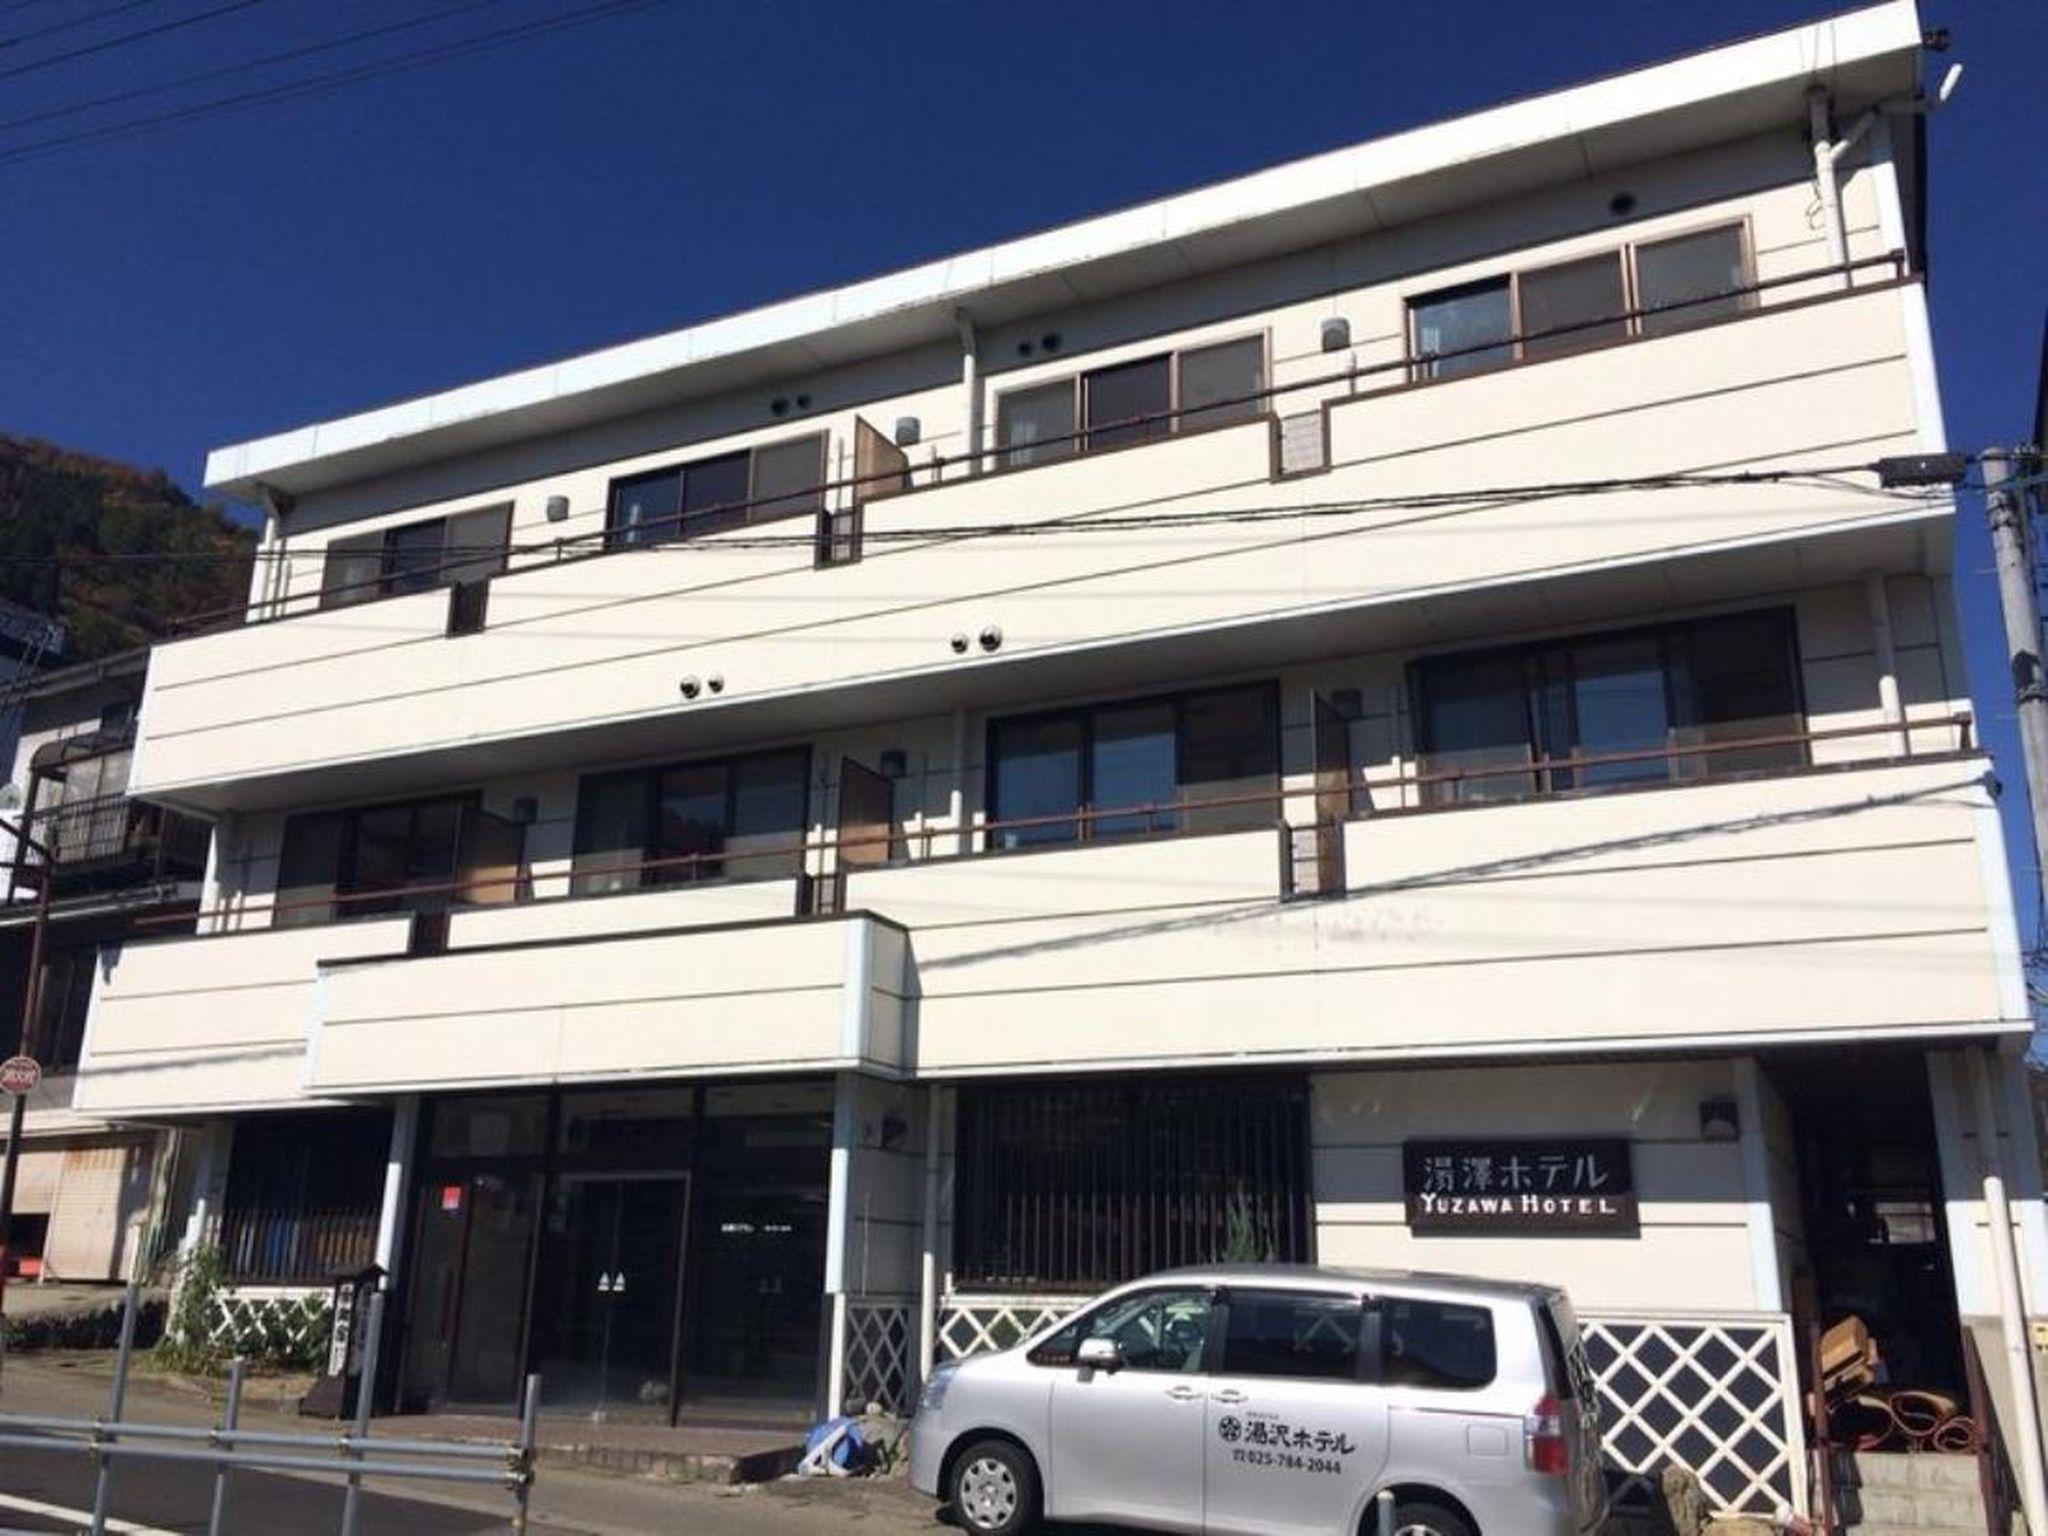 Yuzawa Hotel, Yuzawa